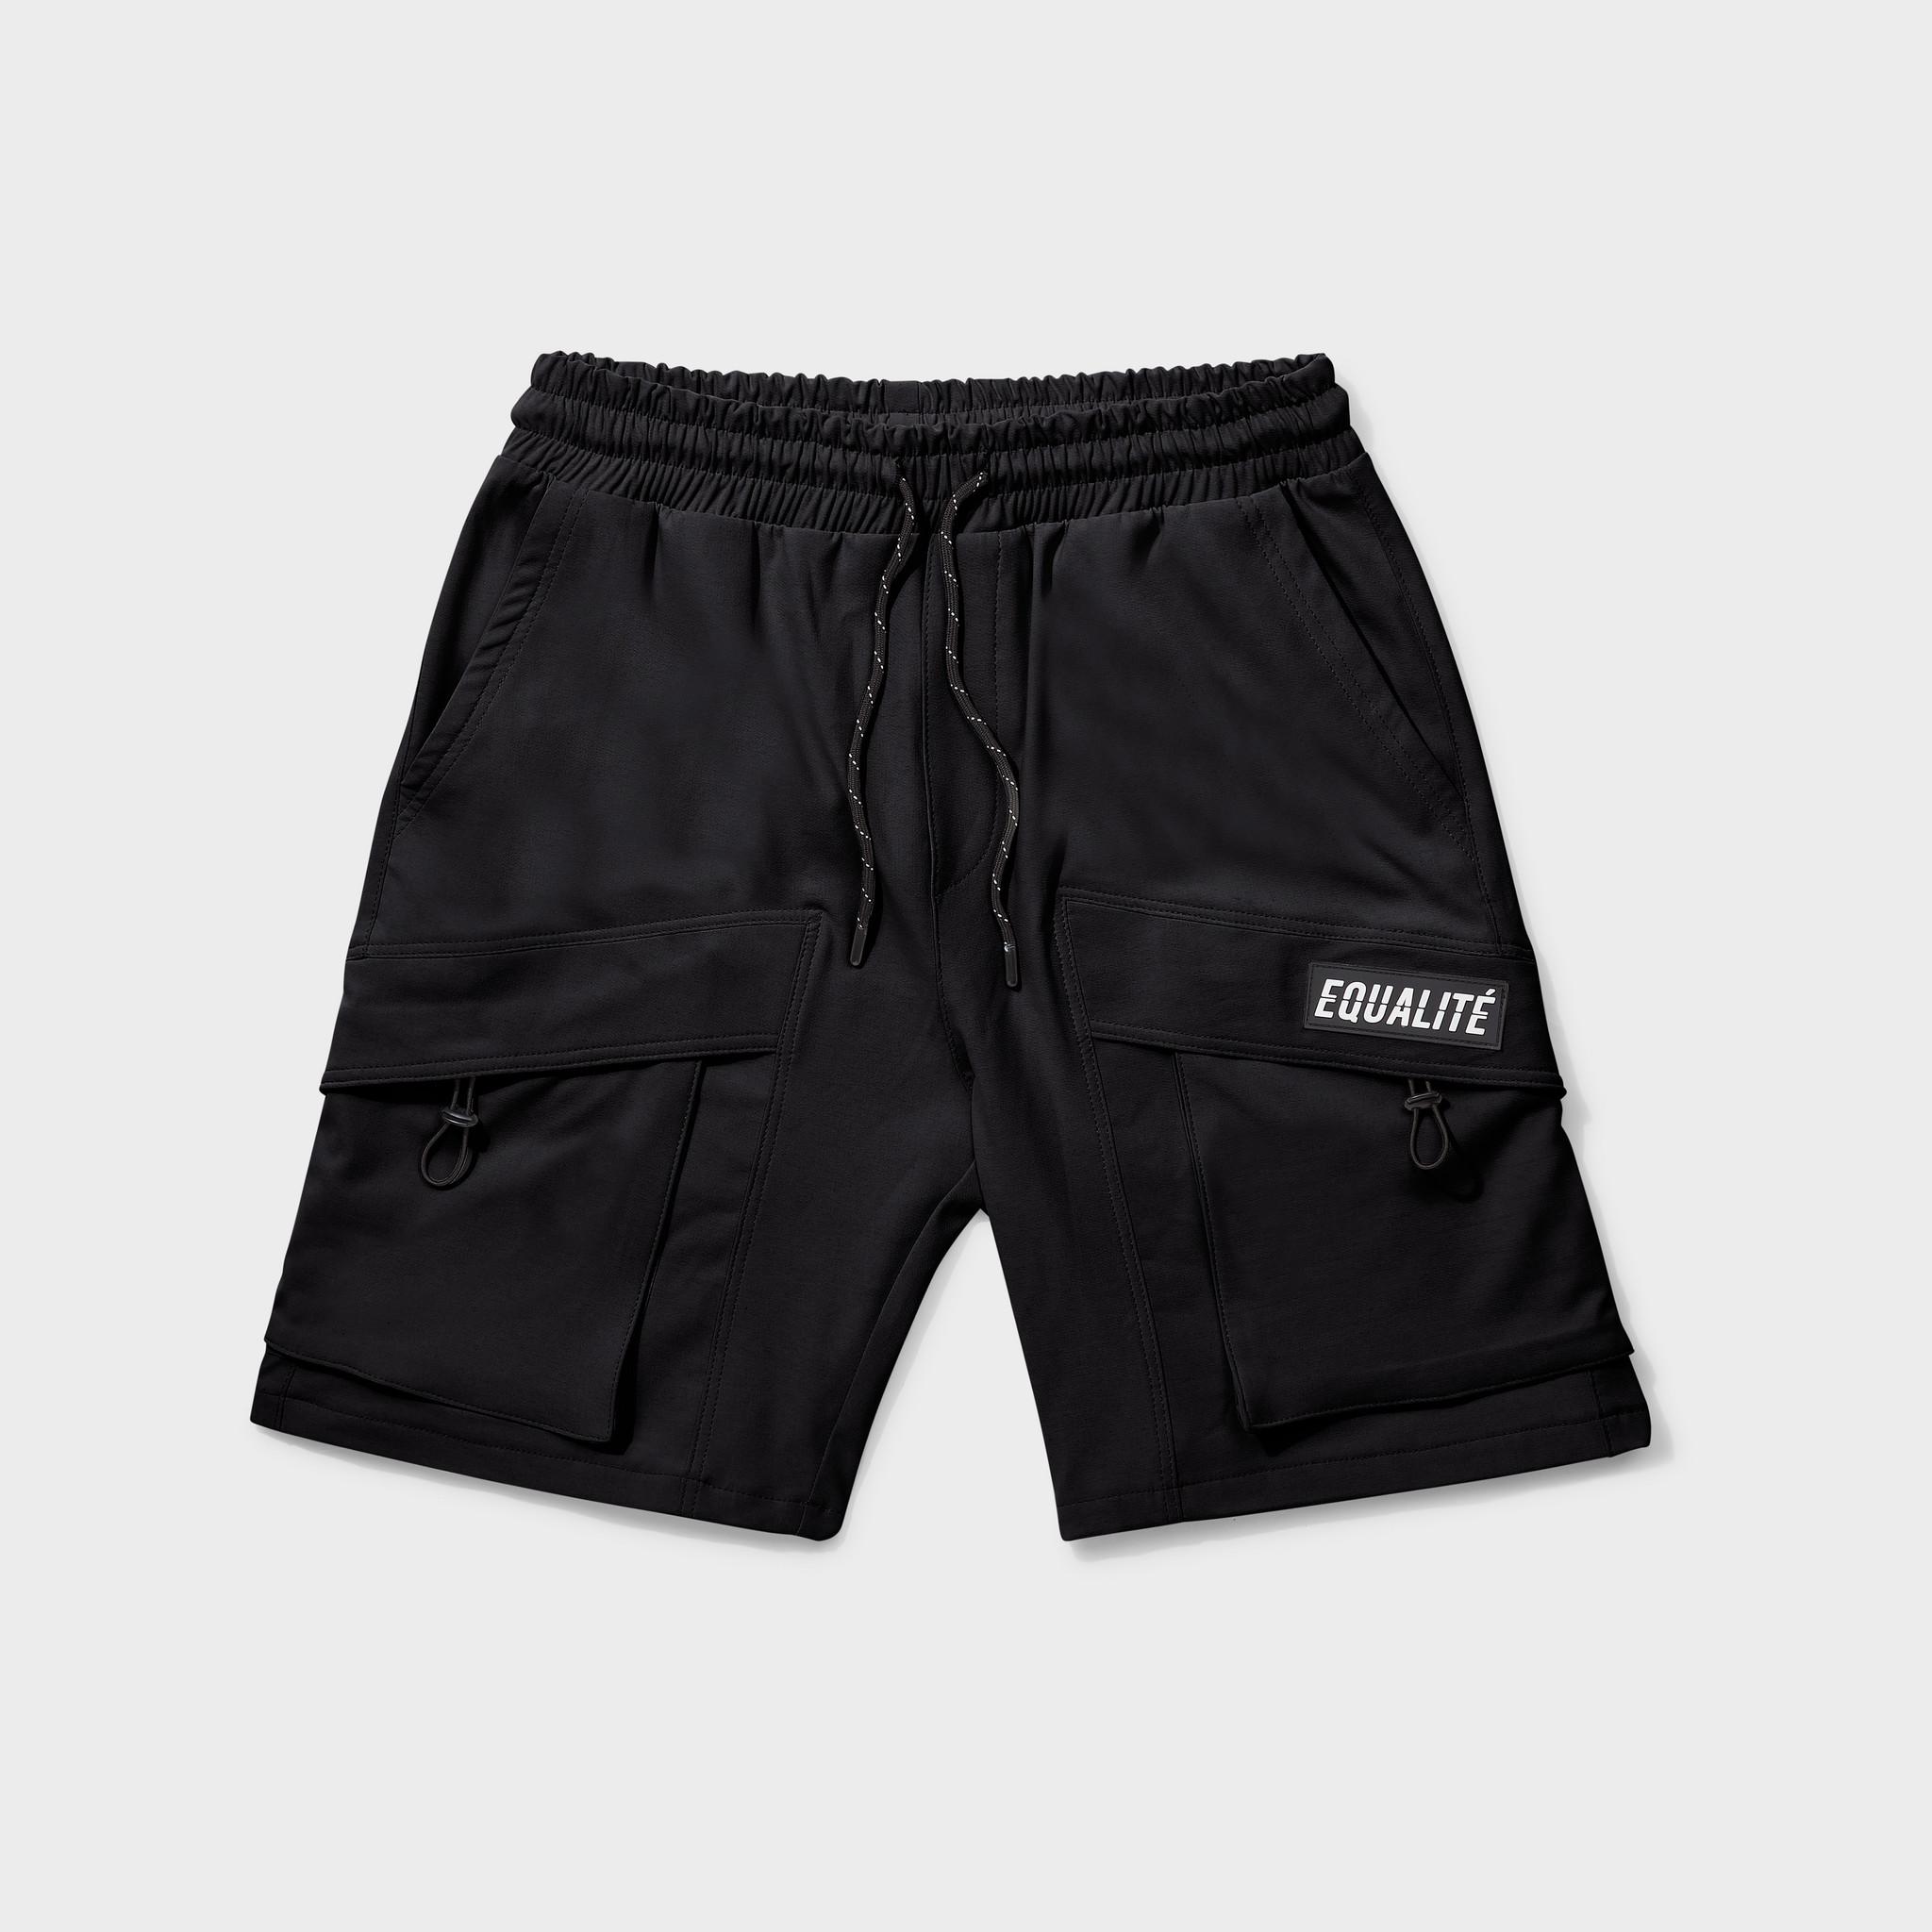 Rafa cargo shorts black-1